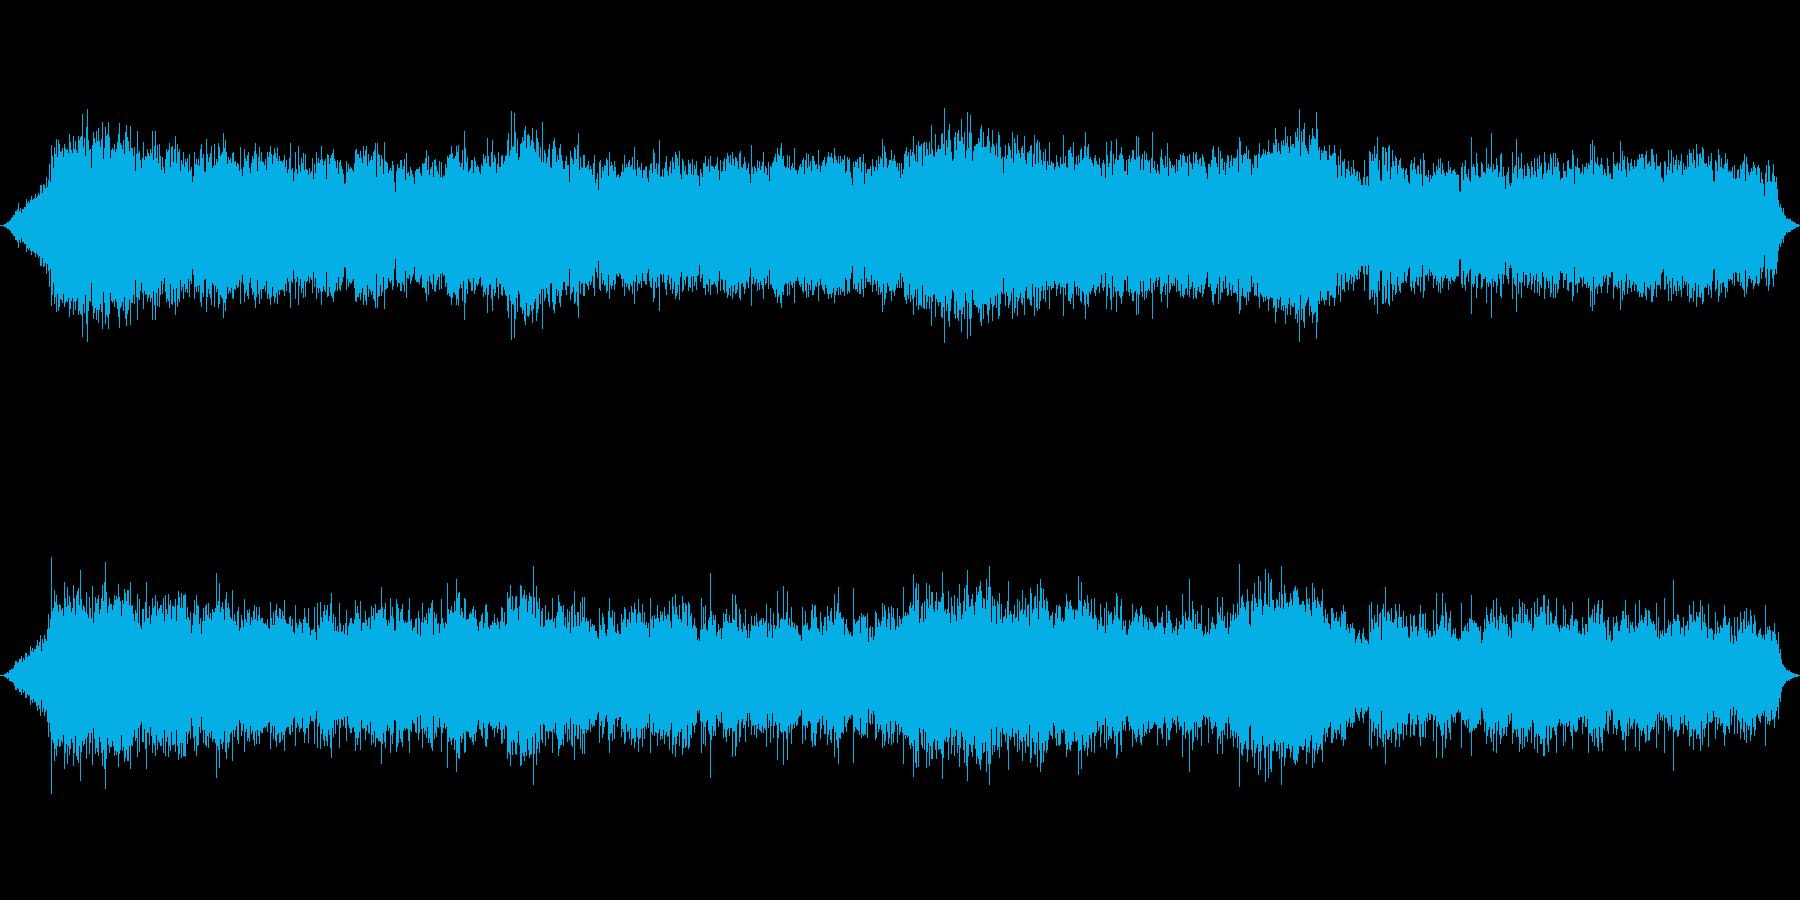 息が詰まる様な恐ろしいホラーの洋風楽曲の再生済みの波形